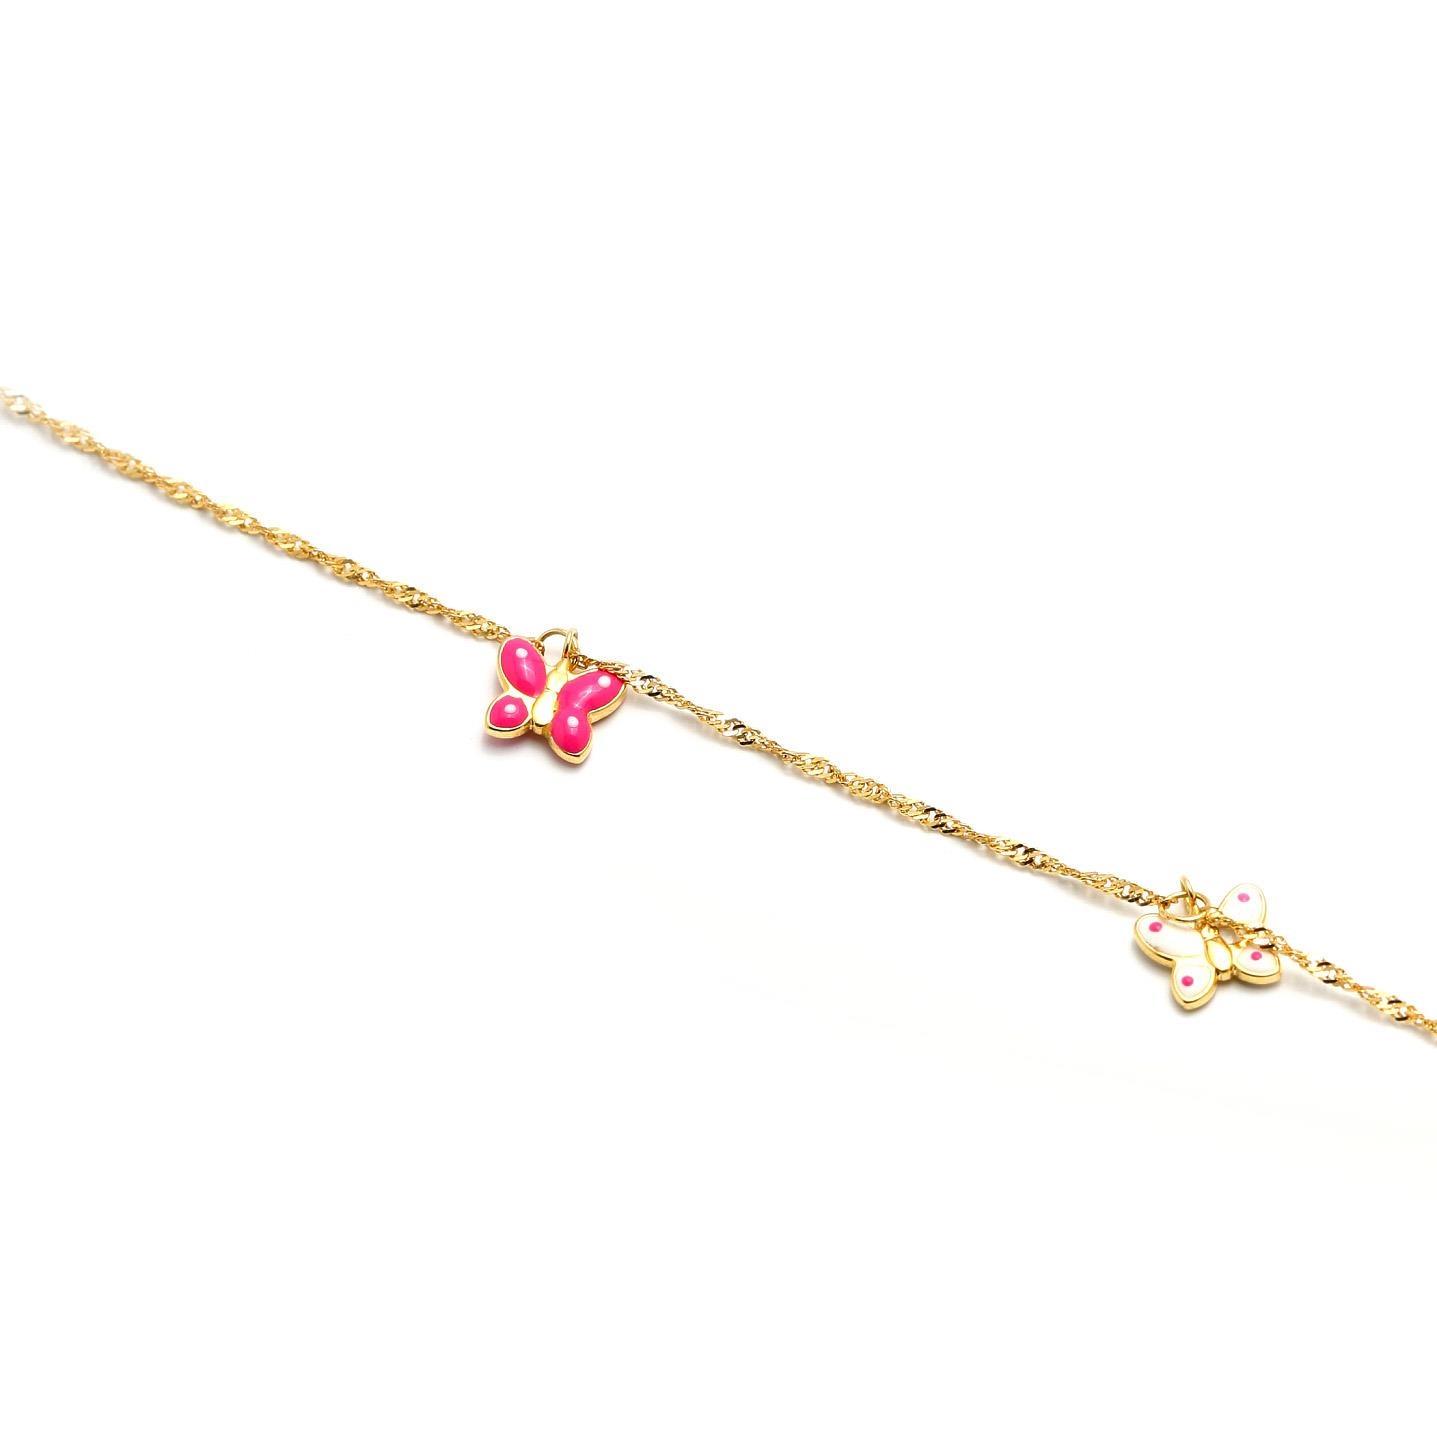 Zlatý náramok s ružovo-bielymi motýlikmi  5MZ00098